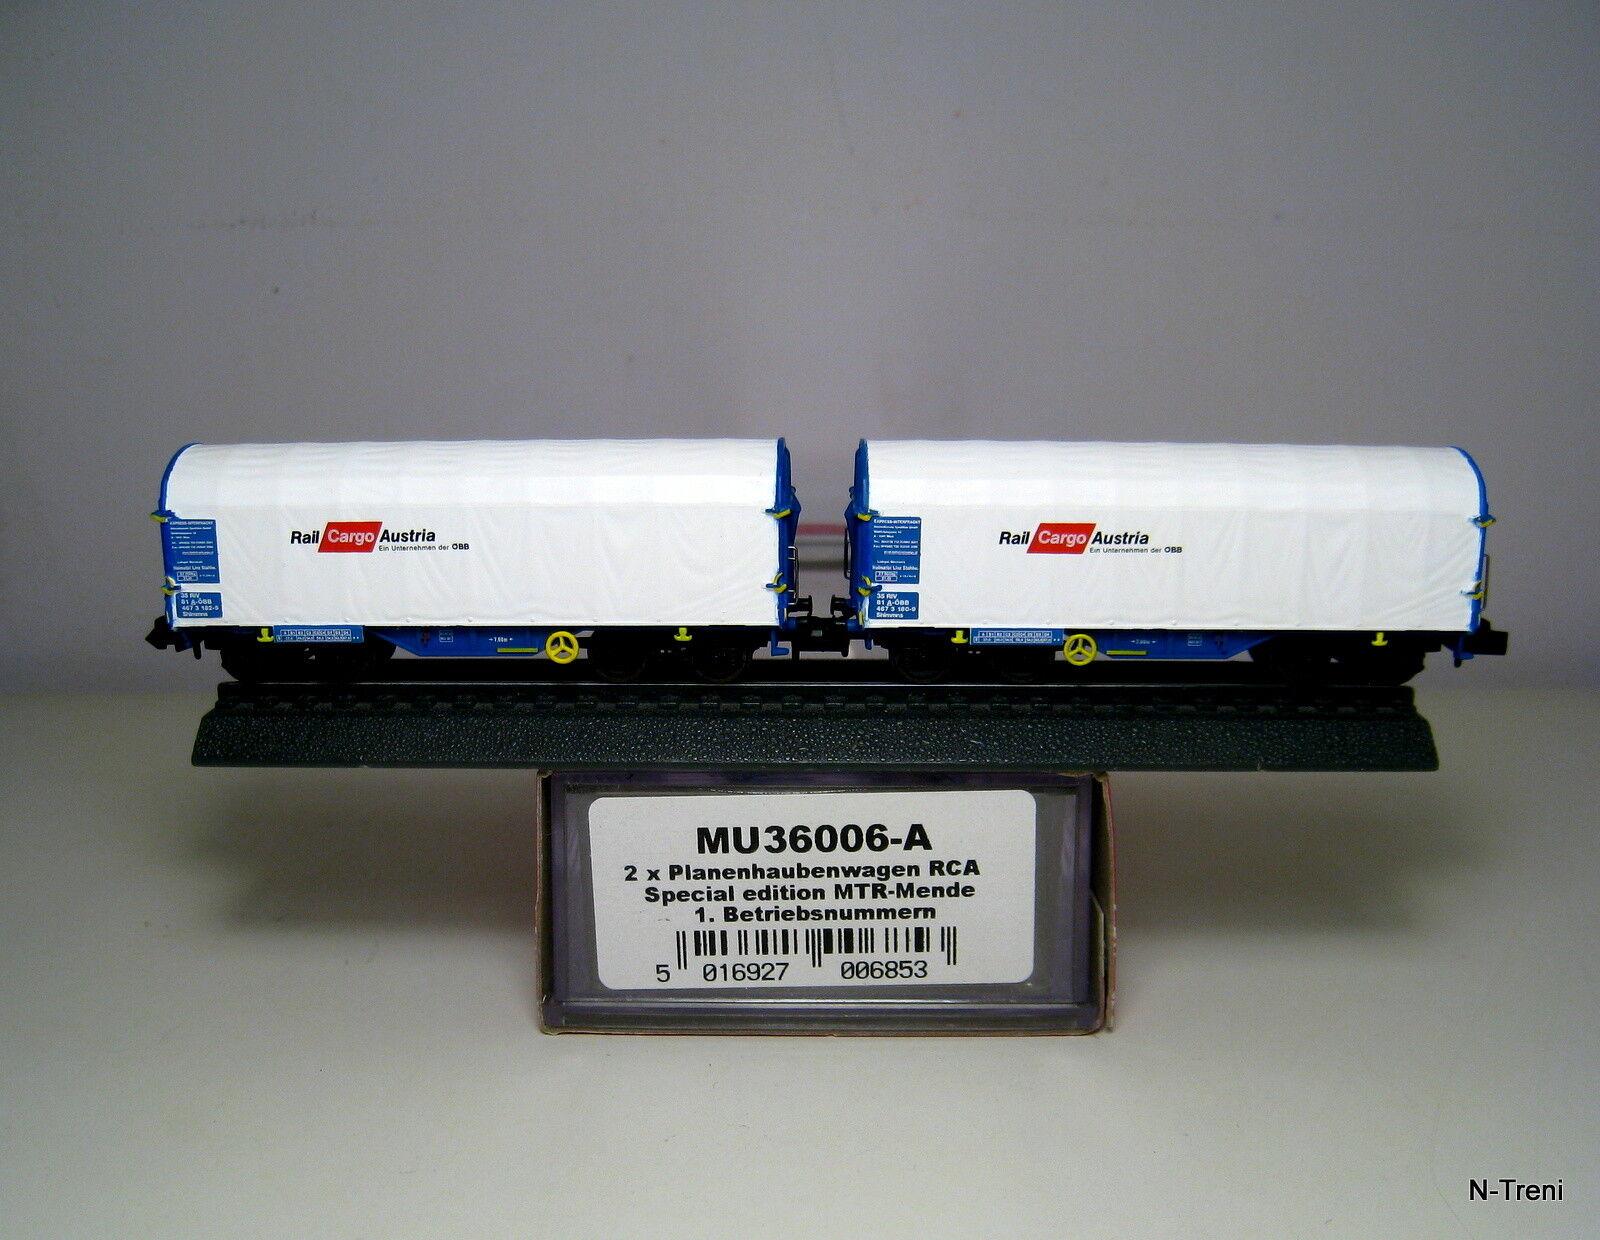 Modellbahn Union N MU36006-A - Set di 2 carri Shimmns Rail Cargo Austria OBB